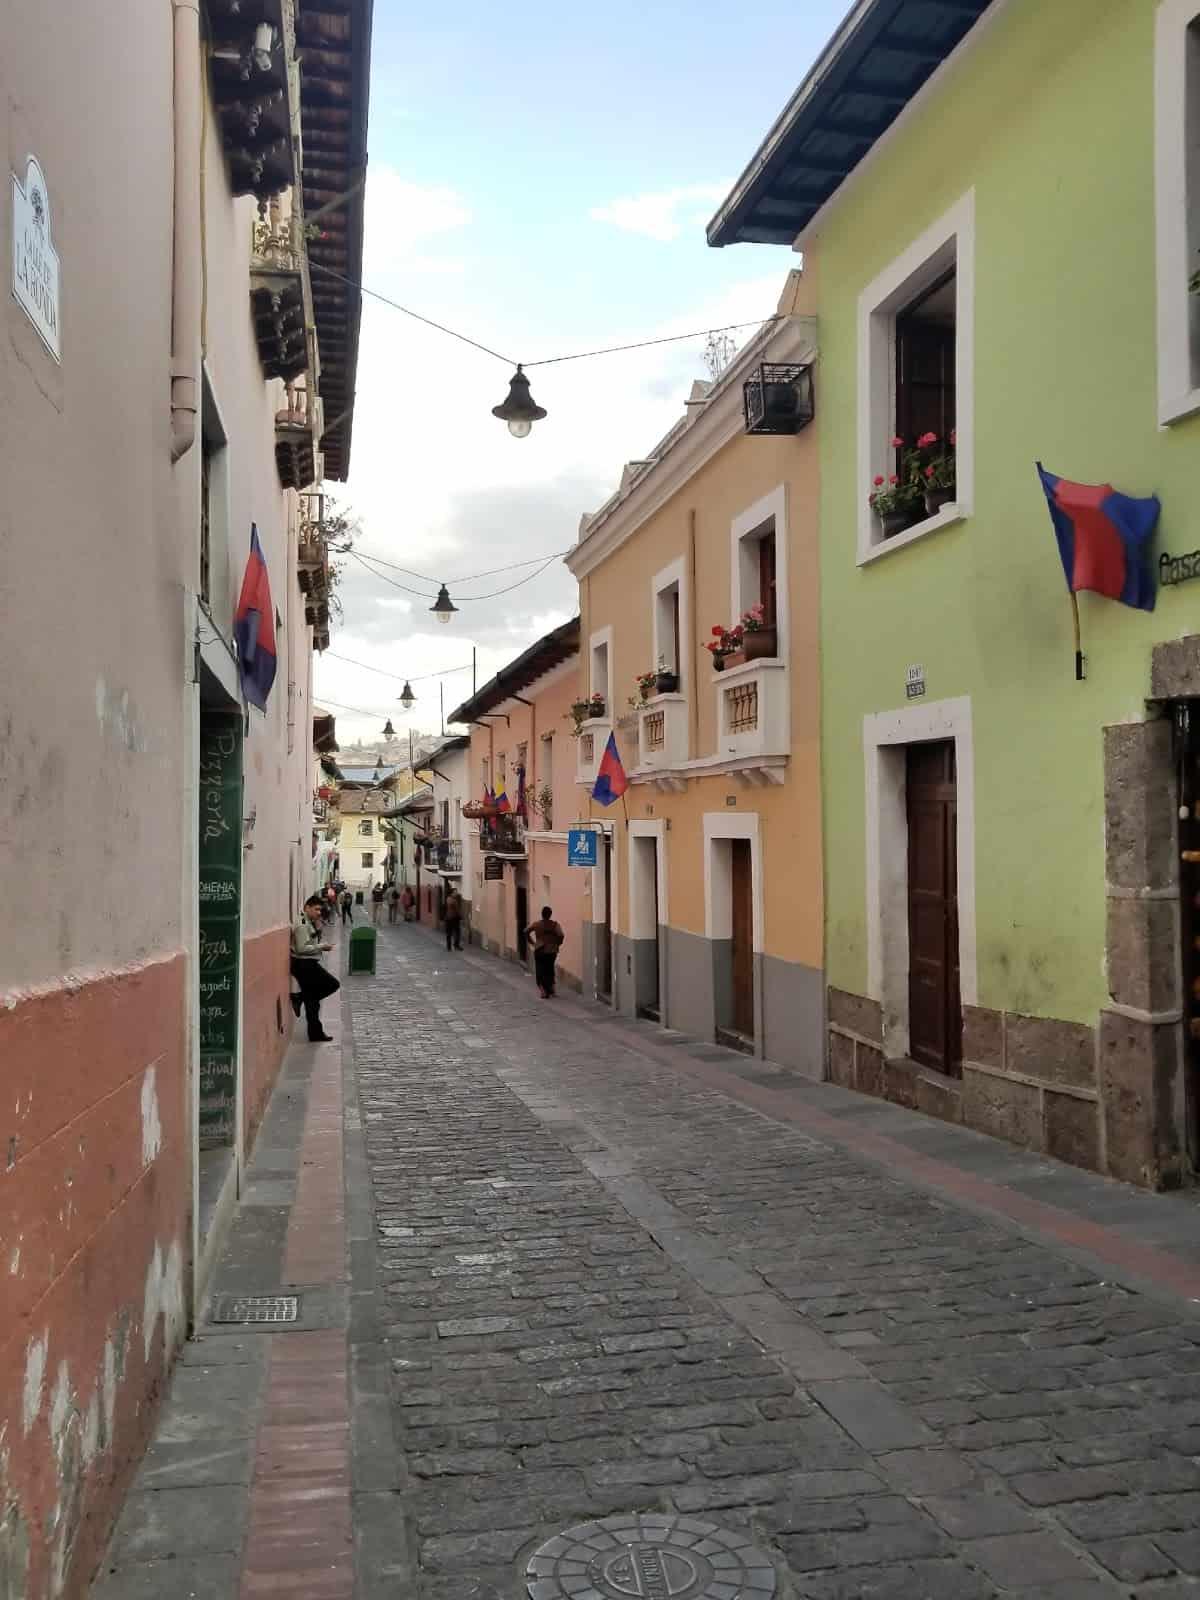 Calle La Ronda in Quito.